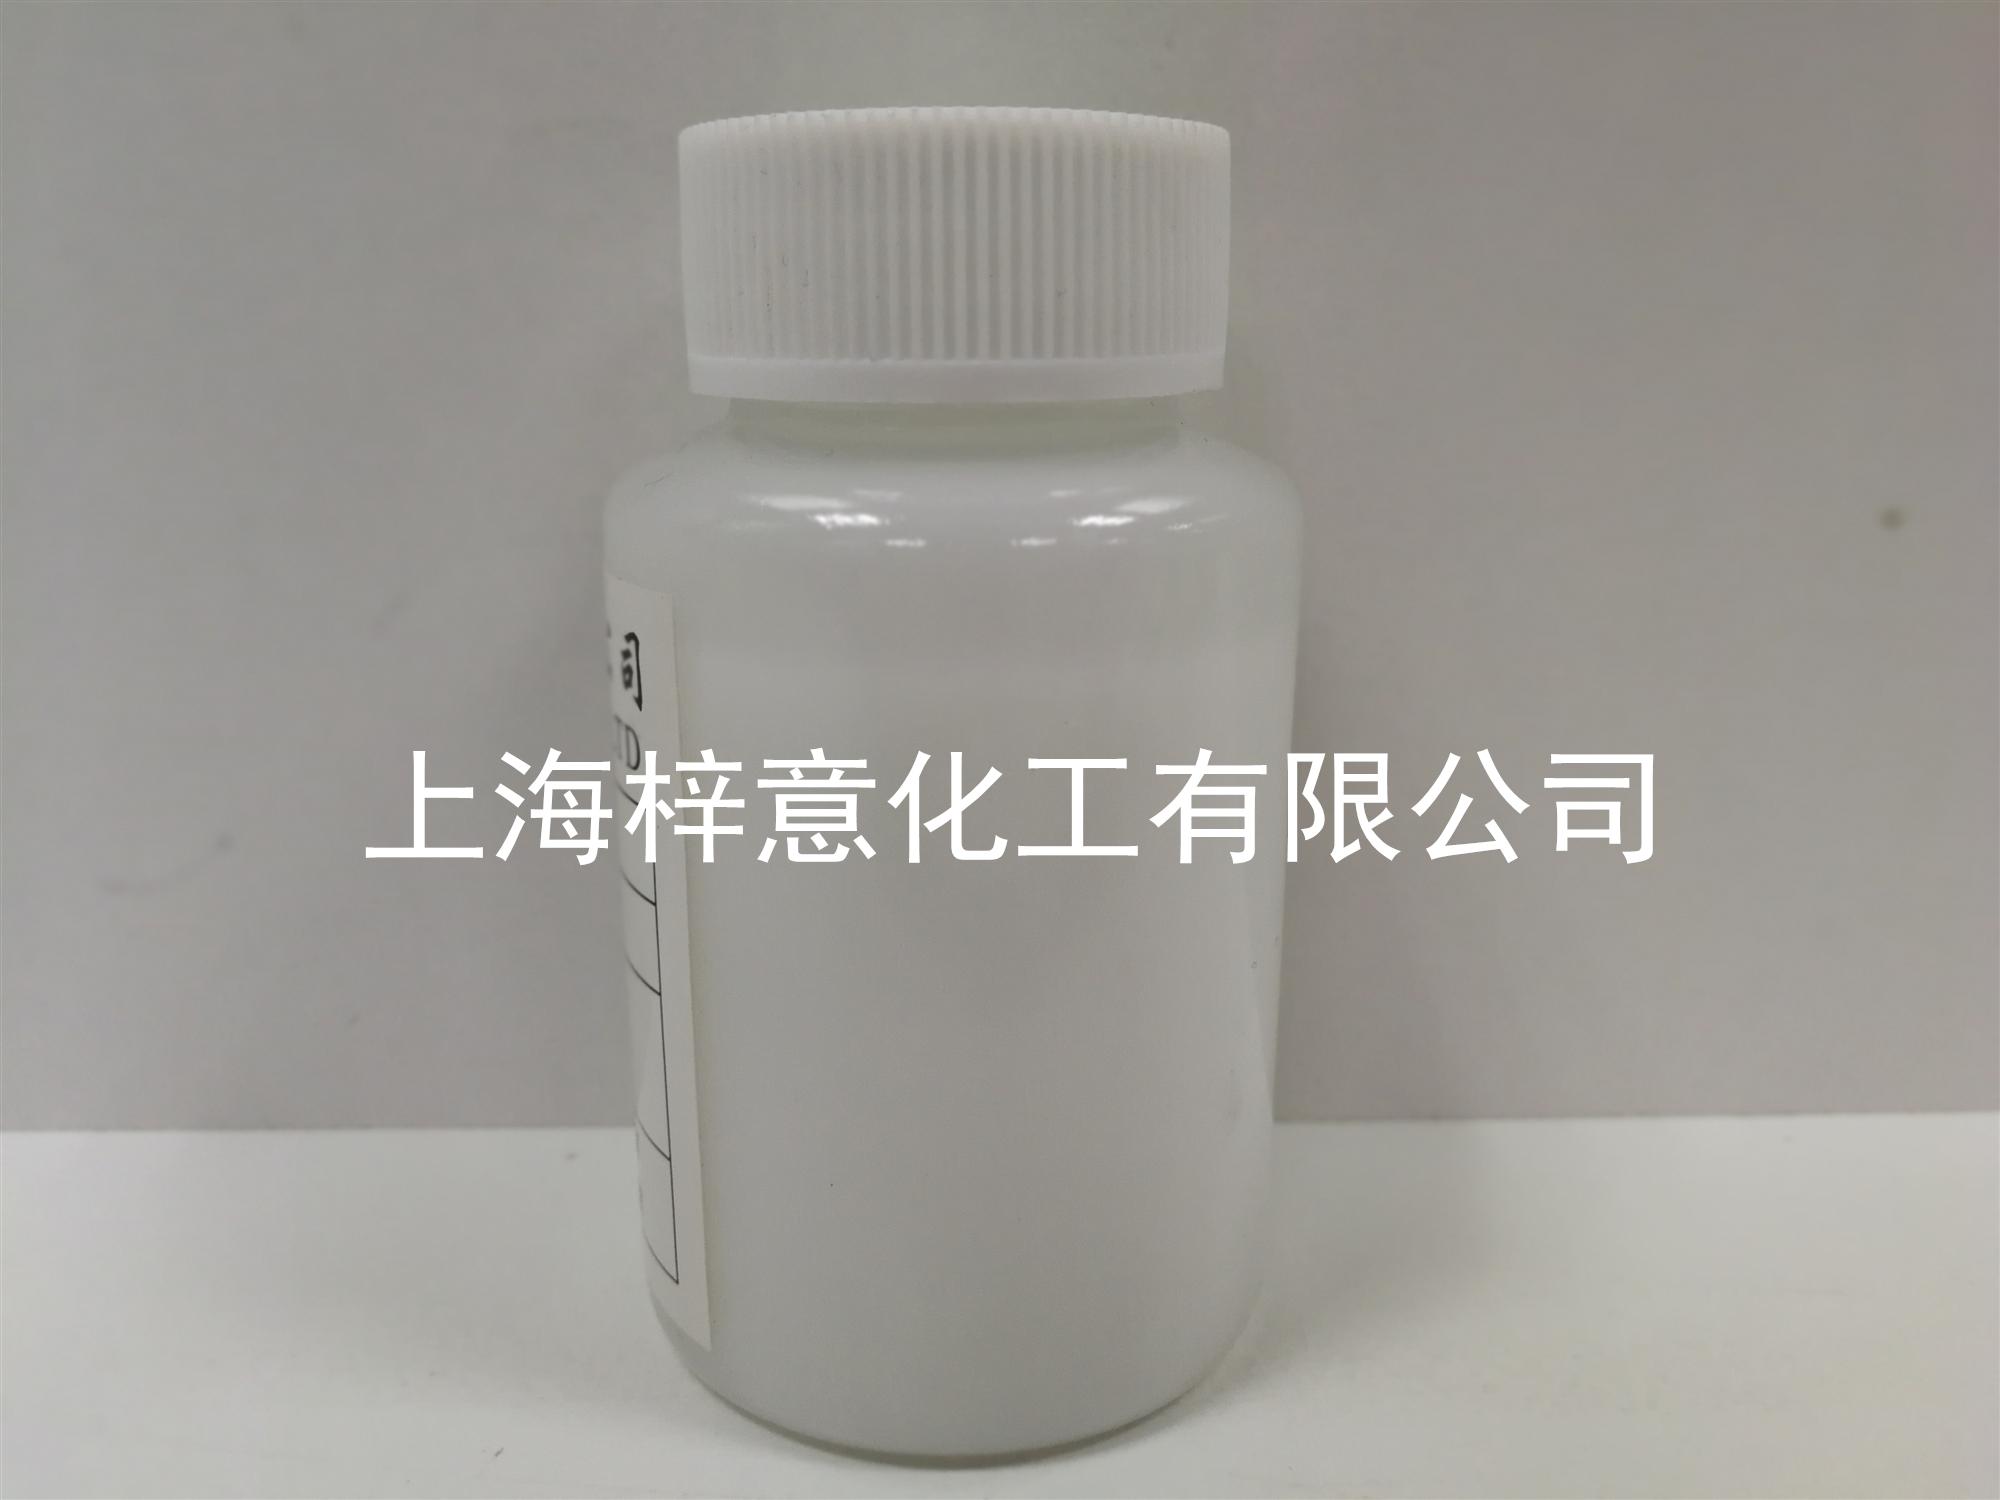 北京固井砂浆消泡剂 诚信互利 梓意供应